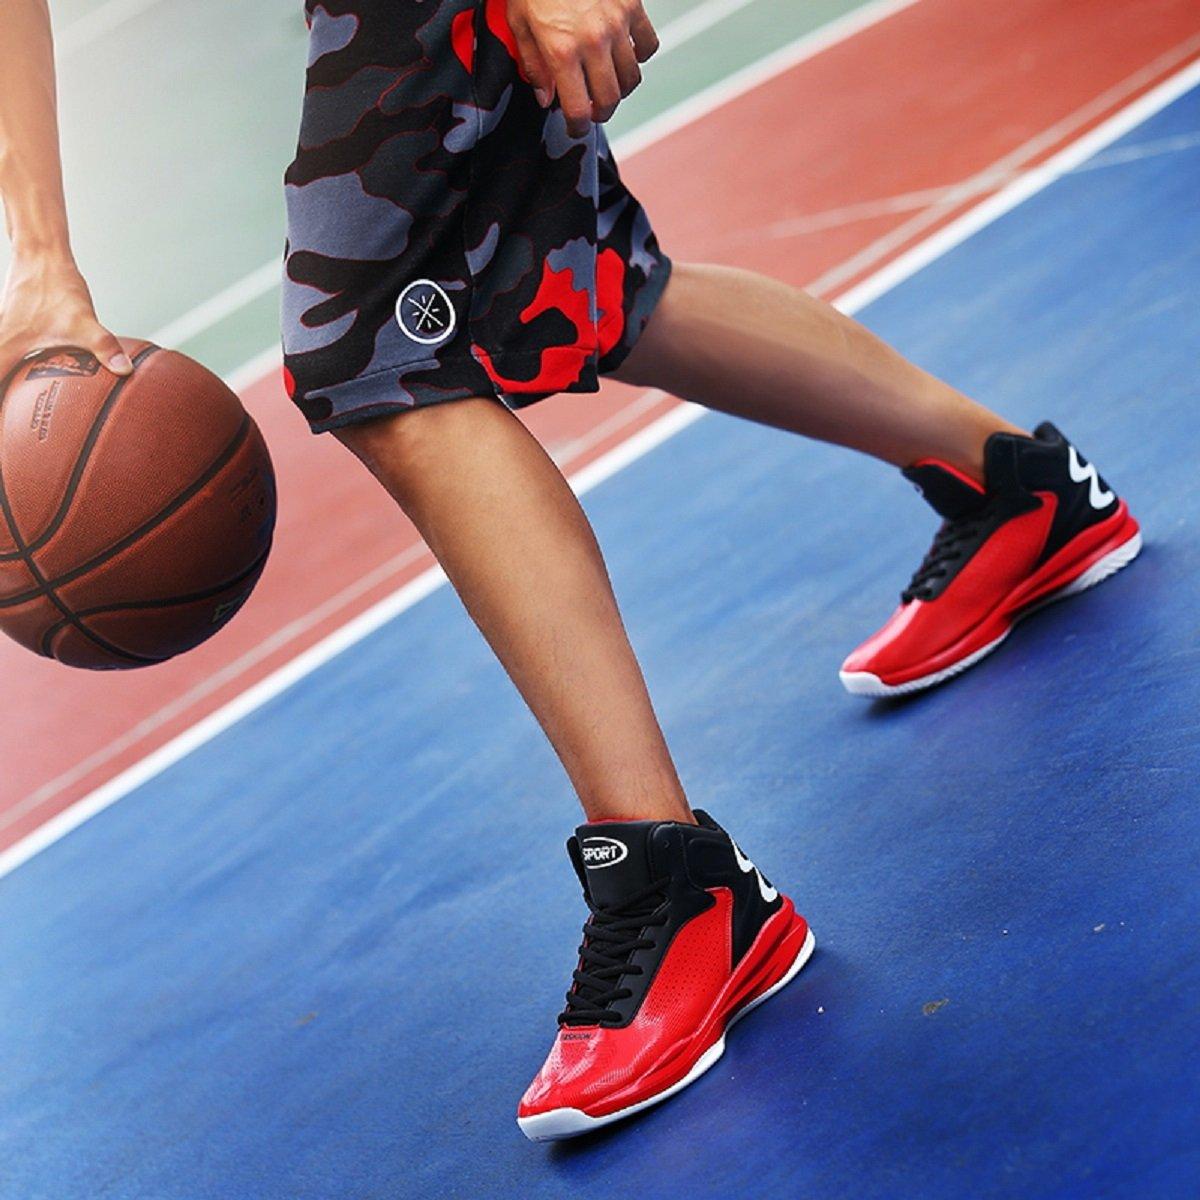 hommes / femmes femmes femmes hommes allstart chaussure de sport running occasionnel air rendeHommes t couvrant la cheville mi - basket - ball basket pour le garçon et styles différents wb9613 caractéristiques remarquables primaire de qualité e313d9